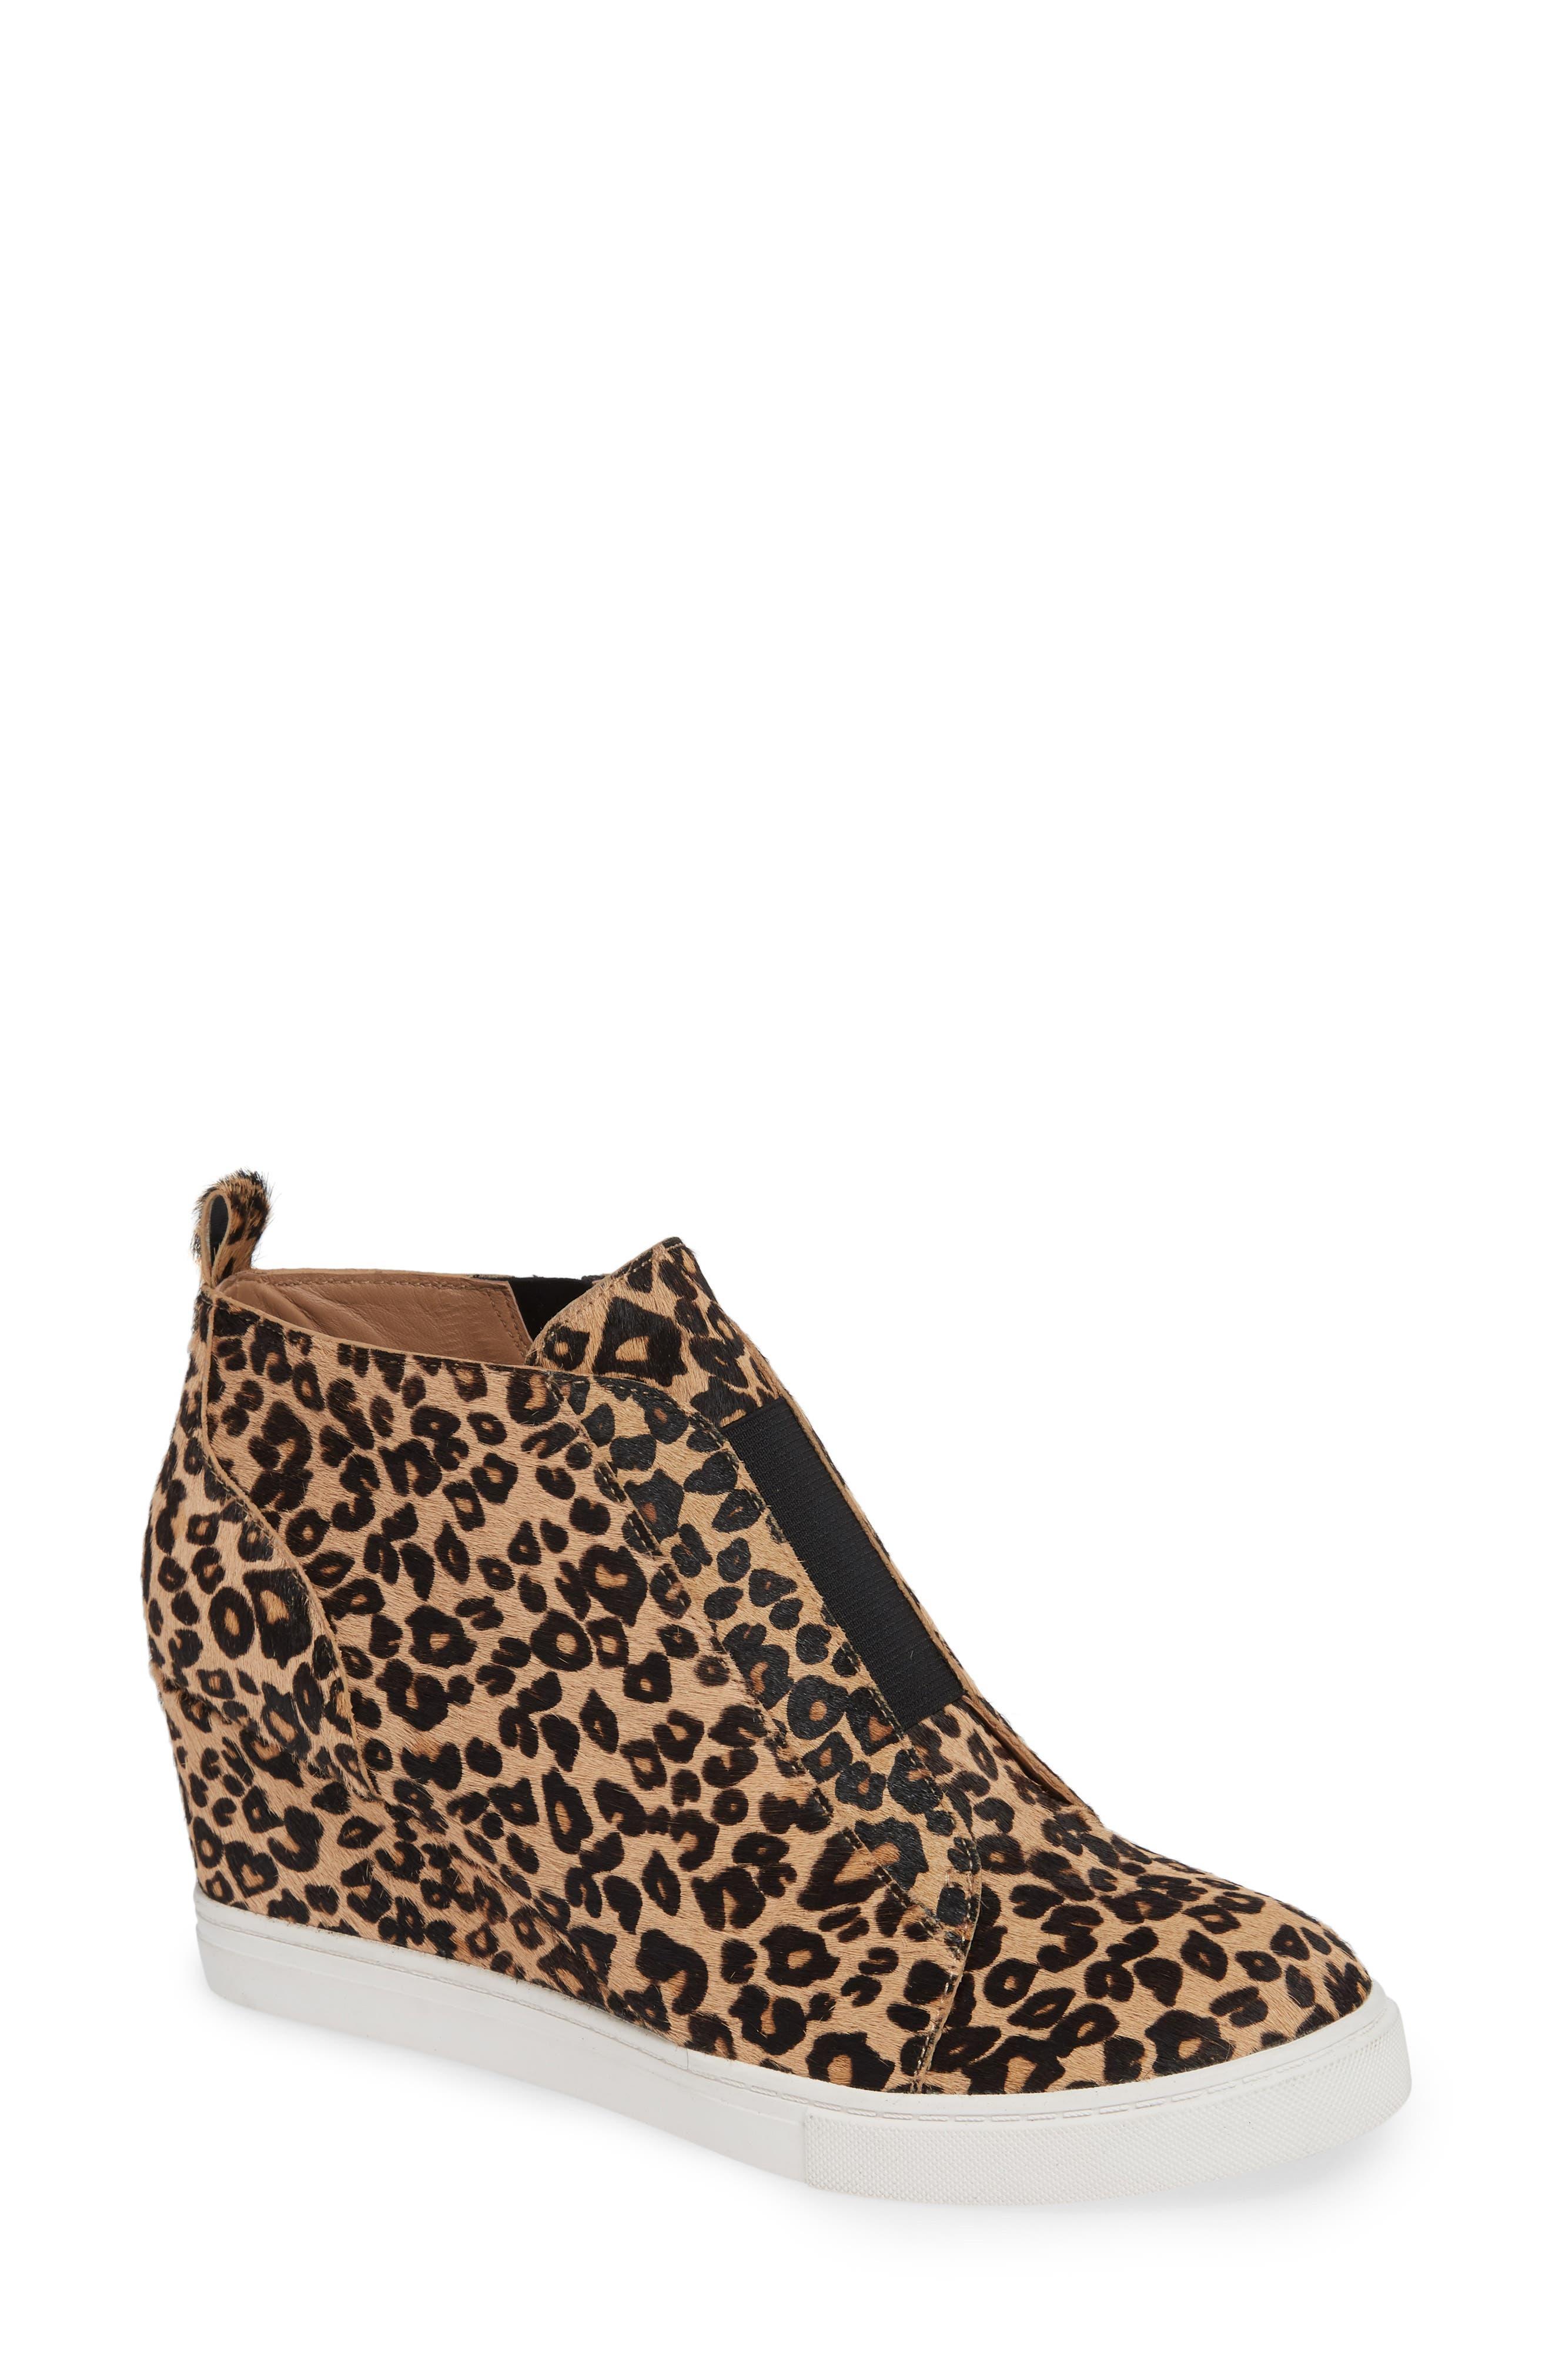 Felicia III Genuine Calf Hair Wedge Sneaker,                             Main thumbnail 1, color,                             LEOPARD PRINT HAIR CALF